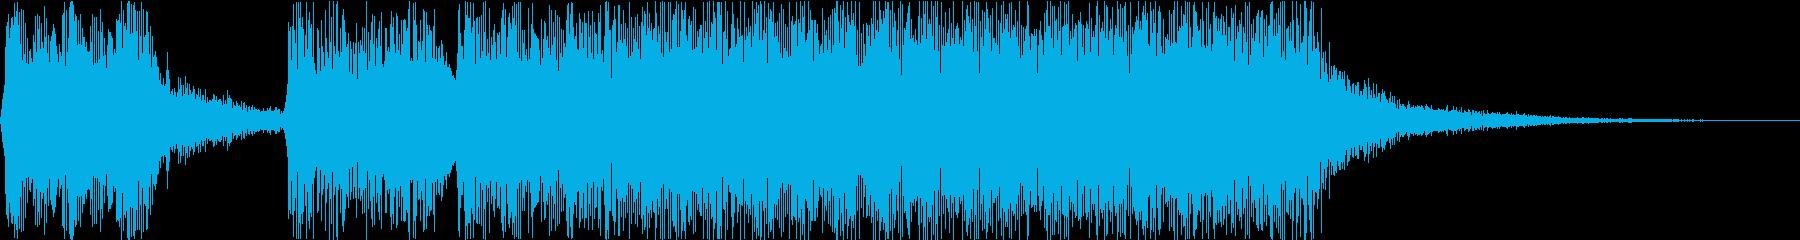 衝撃の事実の再生済みの波形